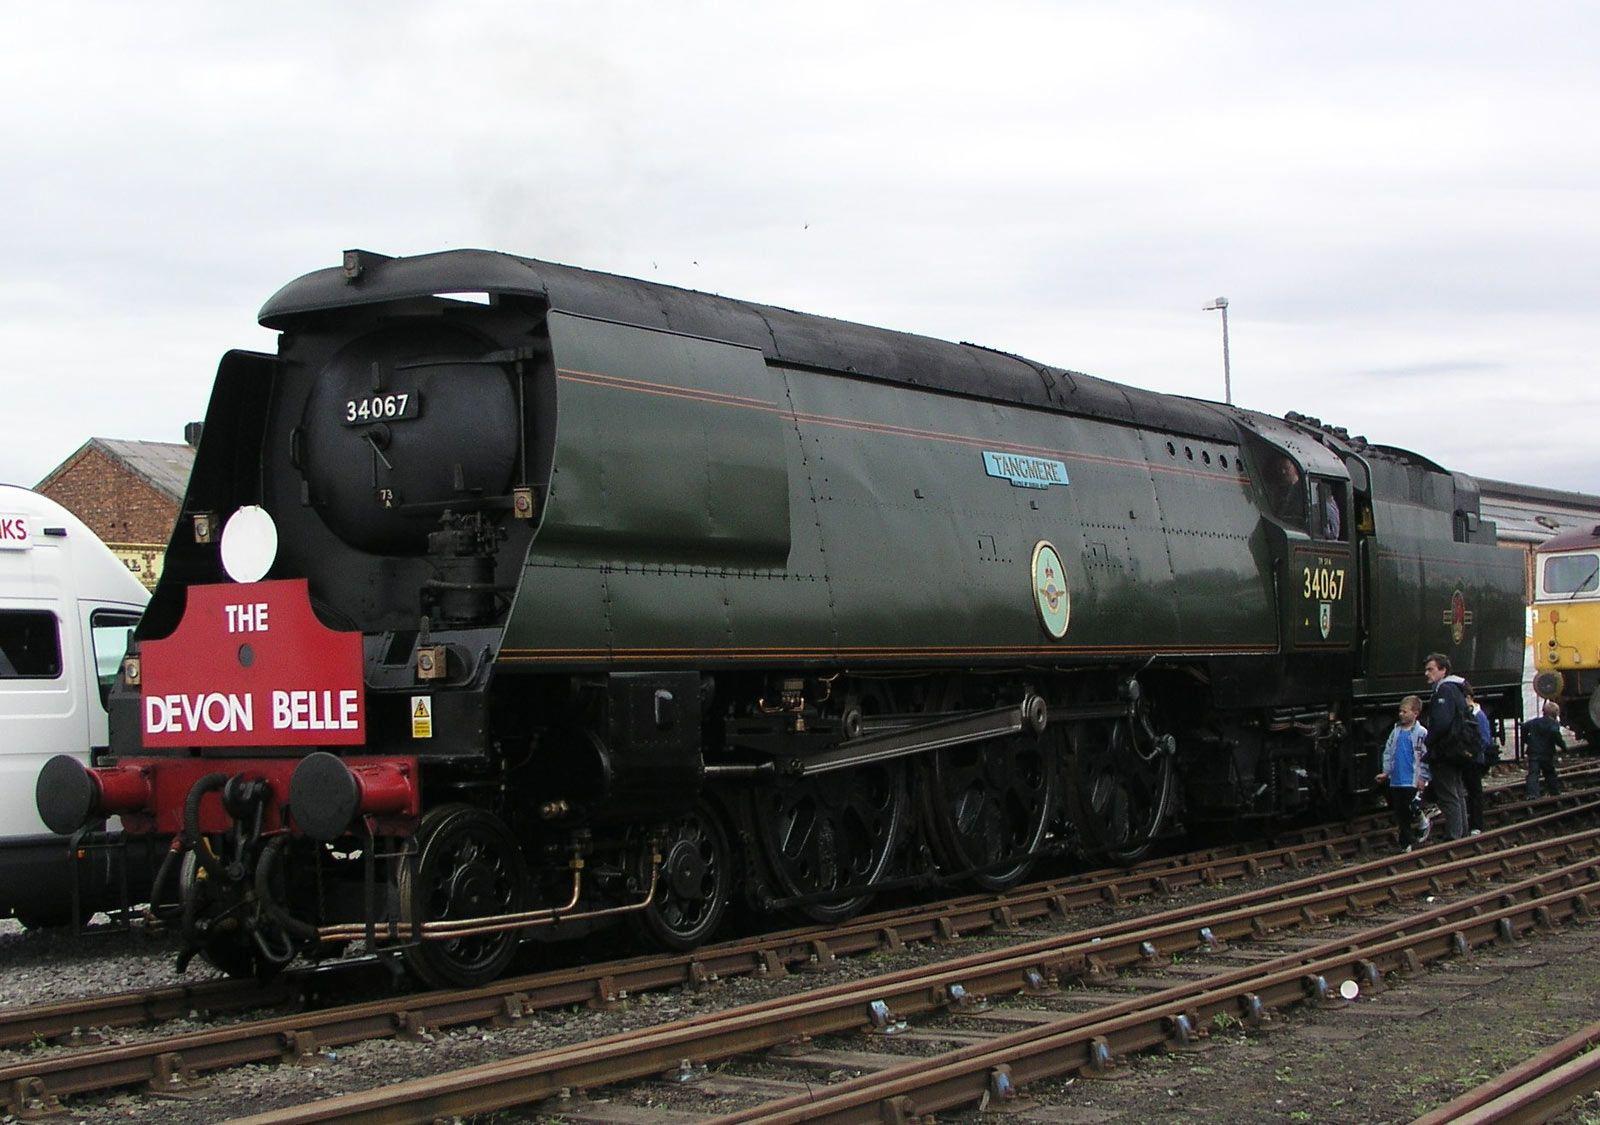 Trains | Steam Trains